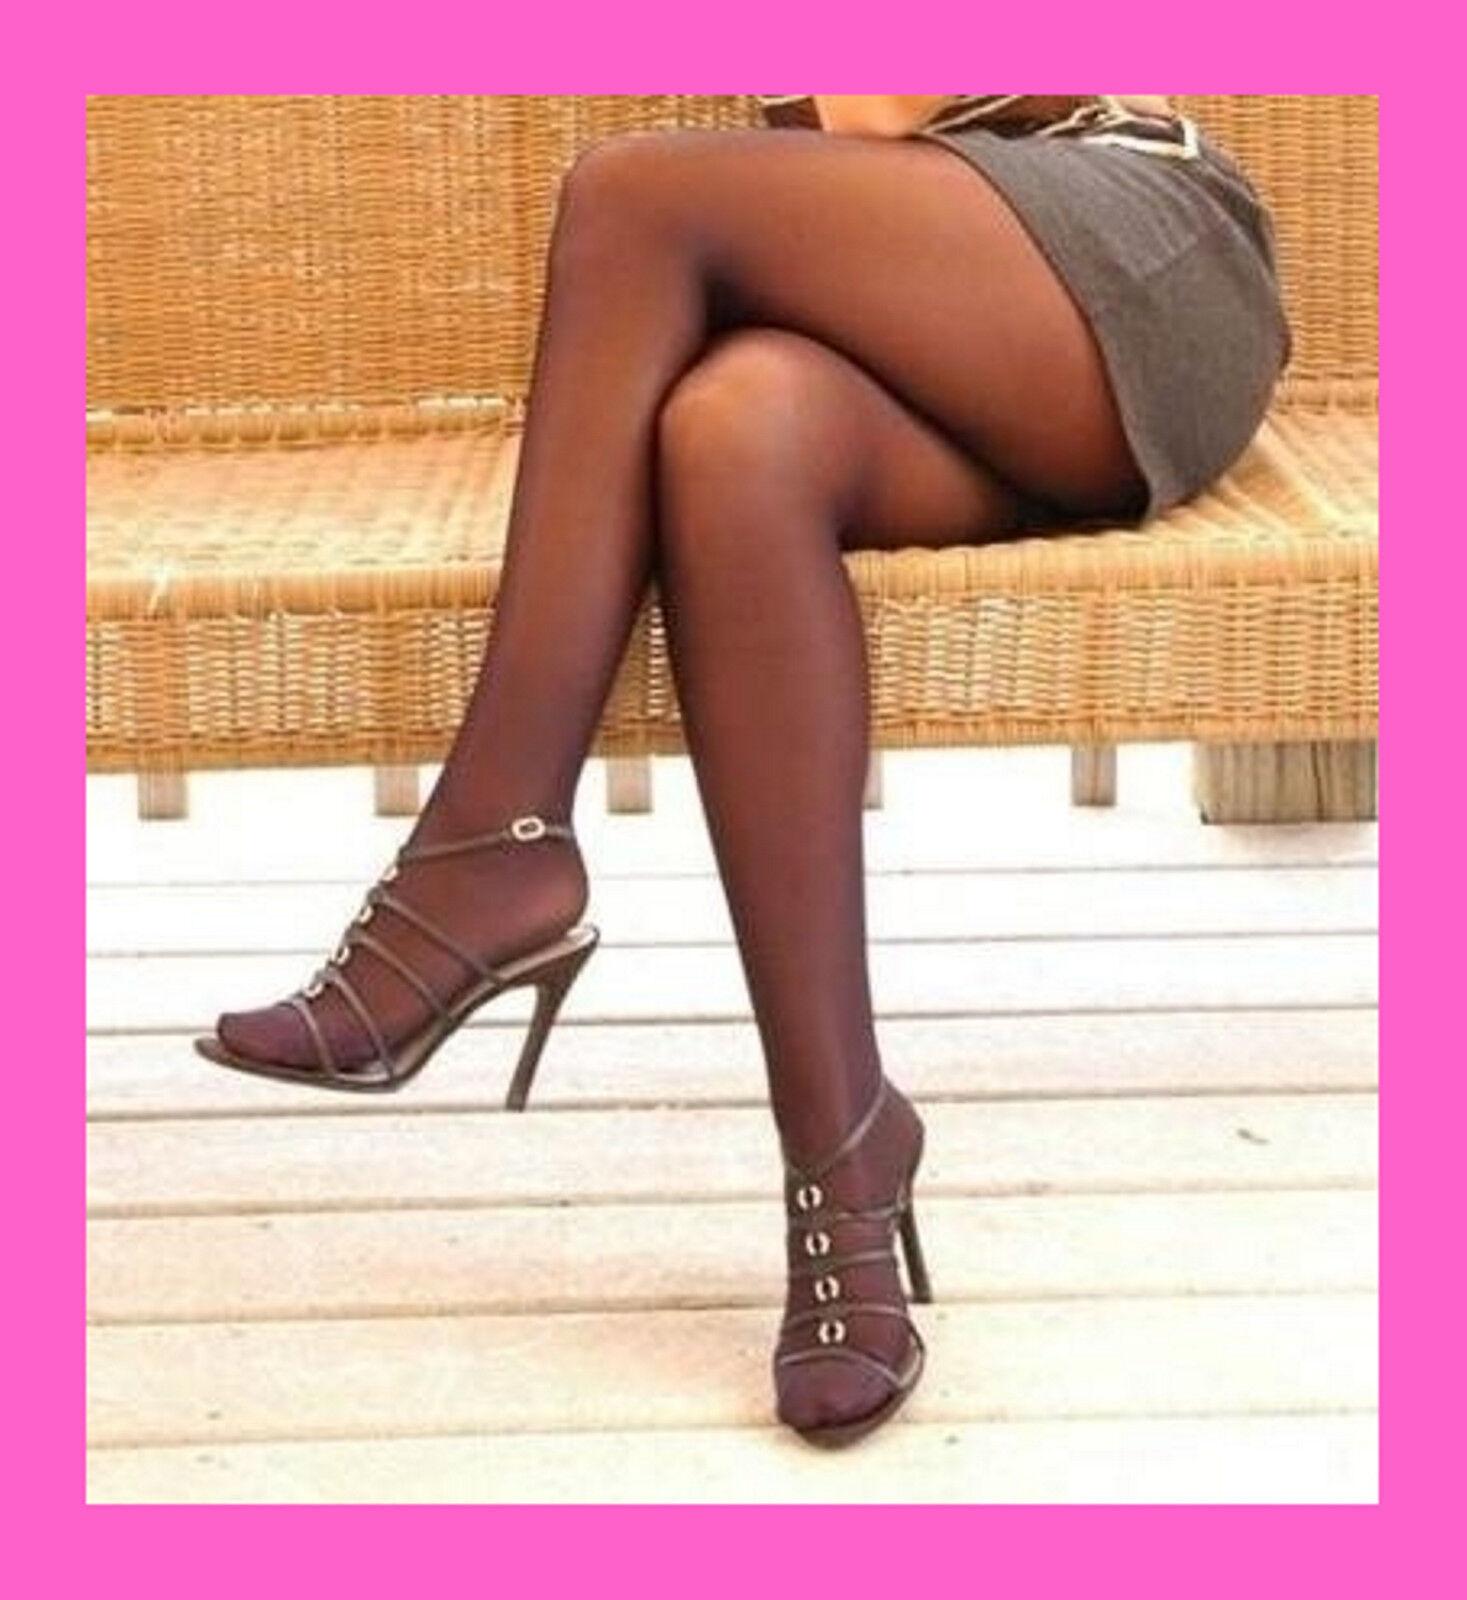 NEU Gr V = 46-48 Strumpfhosen in Übergröße Panty Hose Pantyhose Plussize